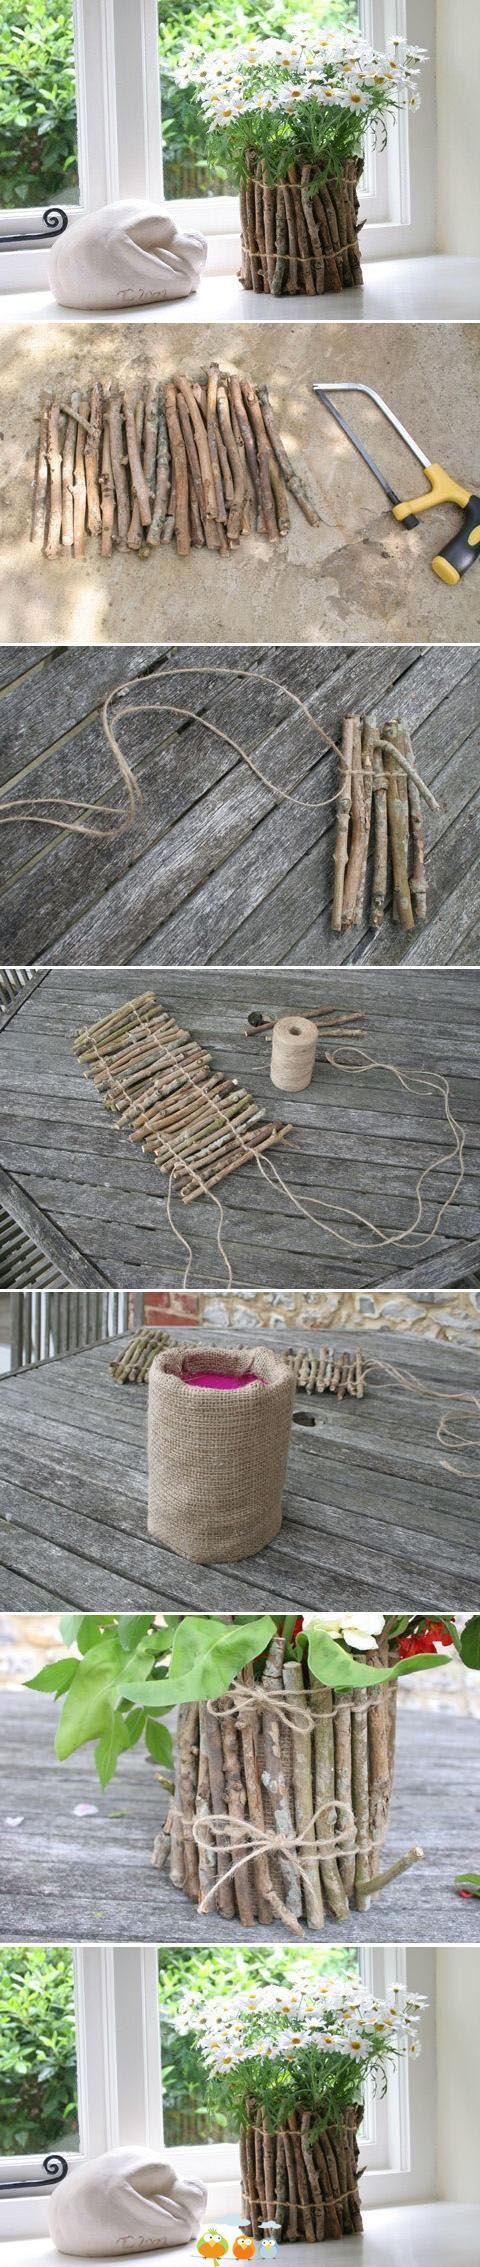 jarrón con ramas secas